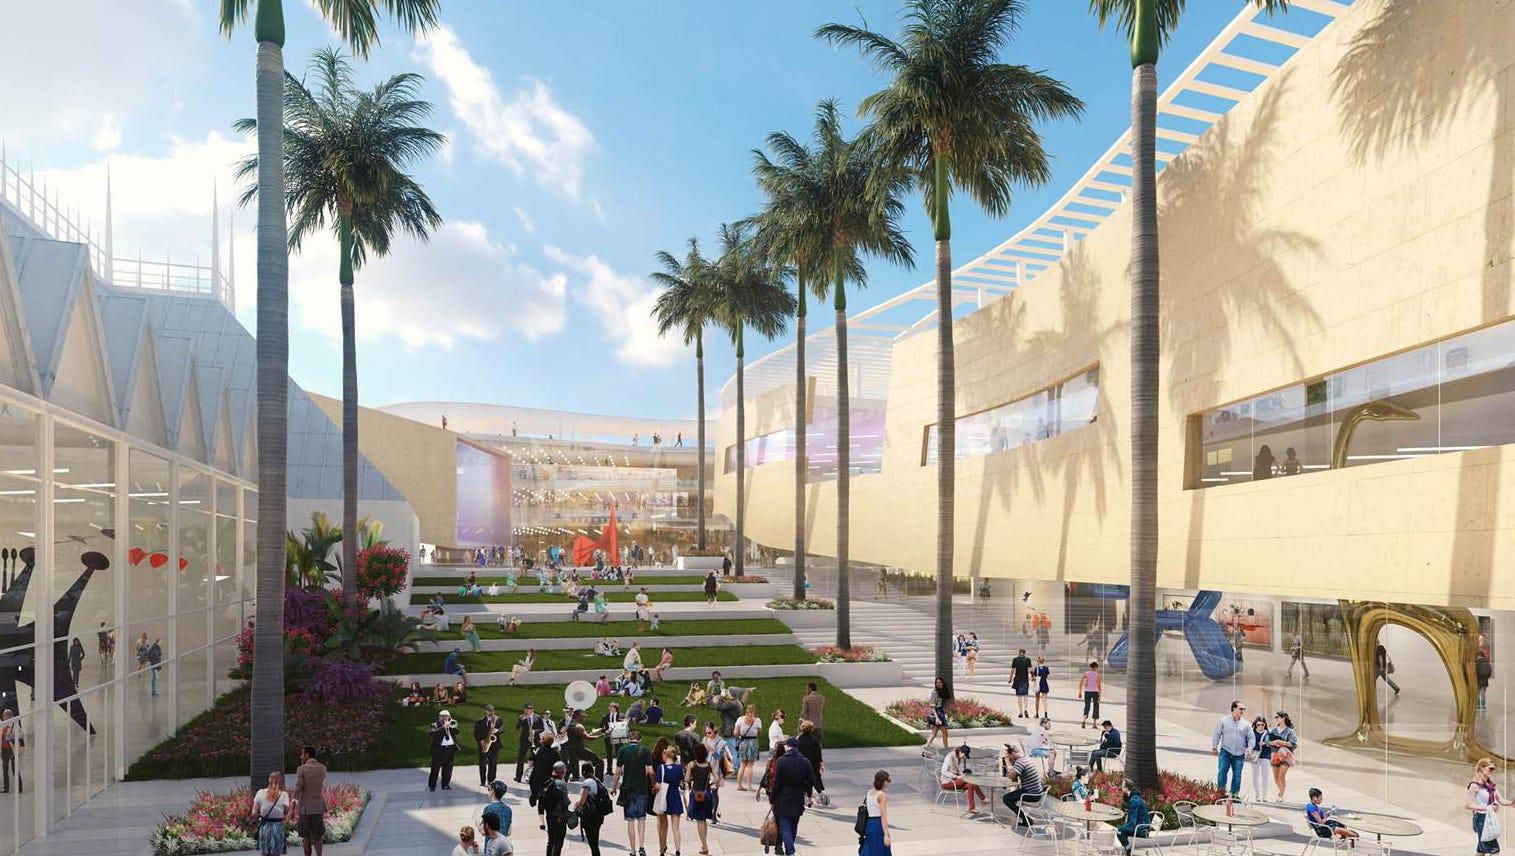 Artis Naples Announces 150 Million Master Plans